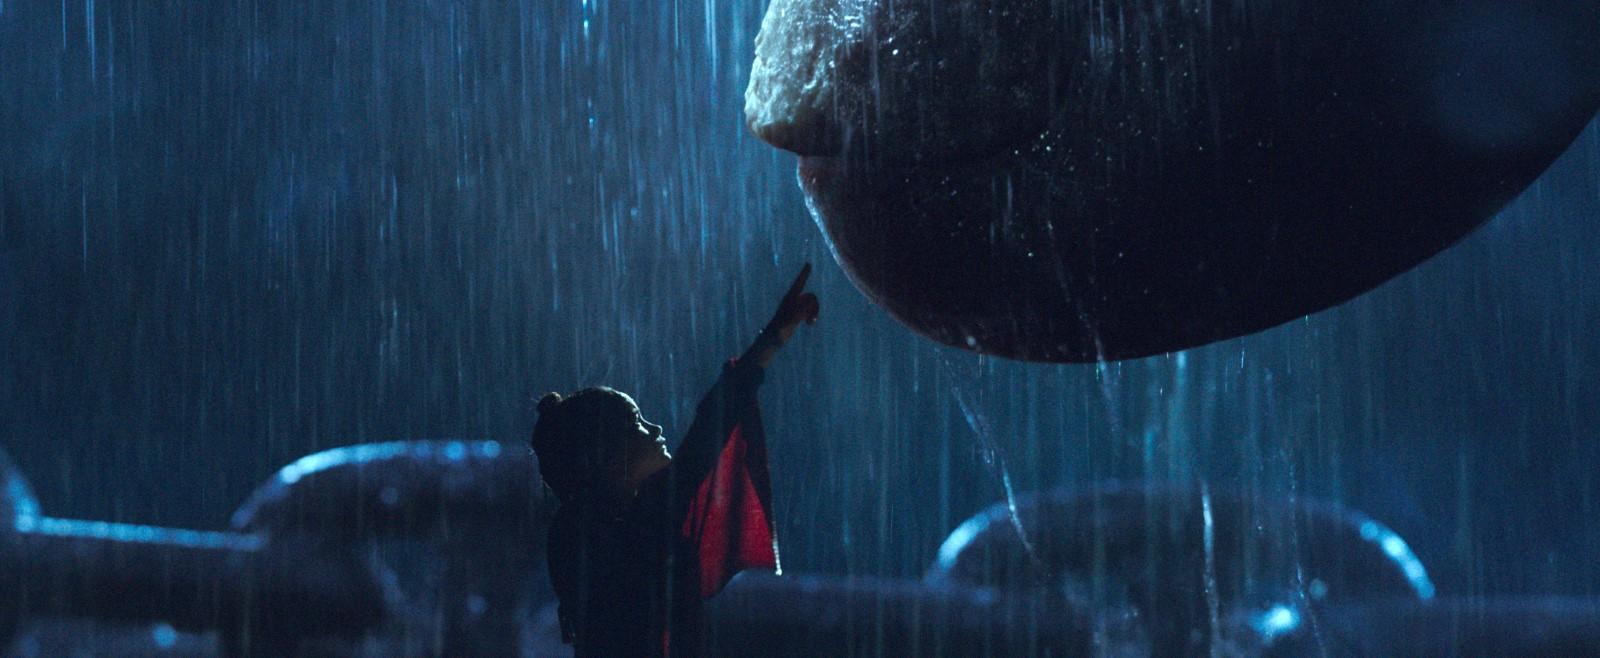 Cena do filme Godzilla vs Kong. A imagem é retangular. na região central há uma garota de aproximadamente 11 anos, ela tem um tom de pele amendoado, seus olhos são castanho claro, o cabelo é castanho escuro e está preso em um coque no topo da cabeça. Ela está de perfil, mostrando apenas o lado direito do rosto. Suas vestes são vermelhas e bem largas, sobrando tecido em algumas partes. Seu braço está levantado. Ela aponta para o canto superior direito, em direção a ponta do dedo indicador do Kong, que aparece apenas um pedaço do dedo e da sua unha. A cena se passa à noite e chove. O fundo da imagem é azul e na parte inferior podemos observar as grandes correntes que prendem o Kong.